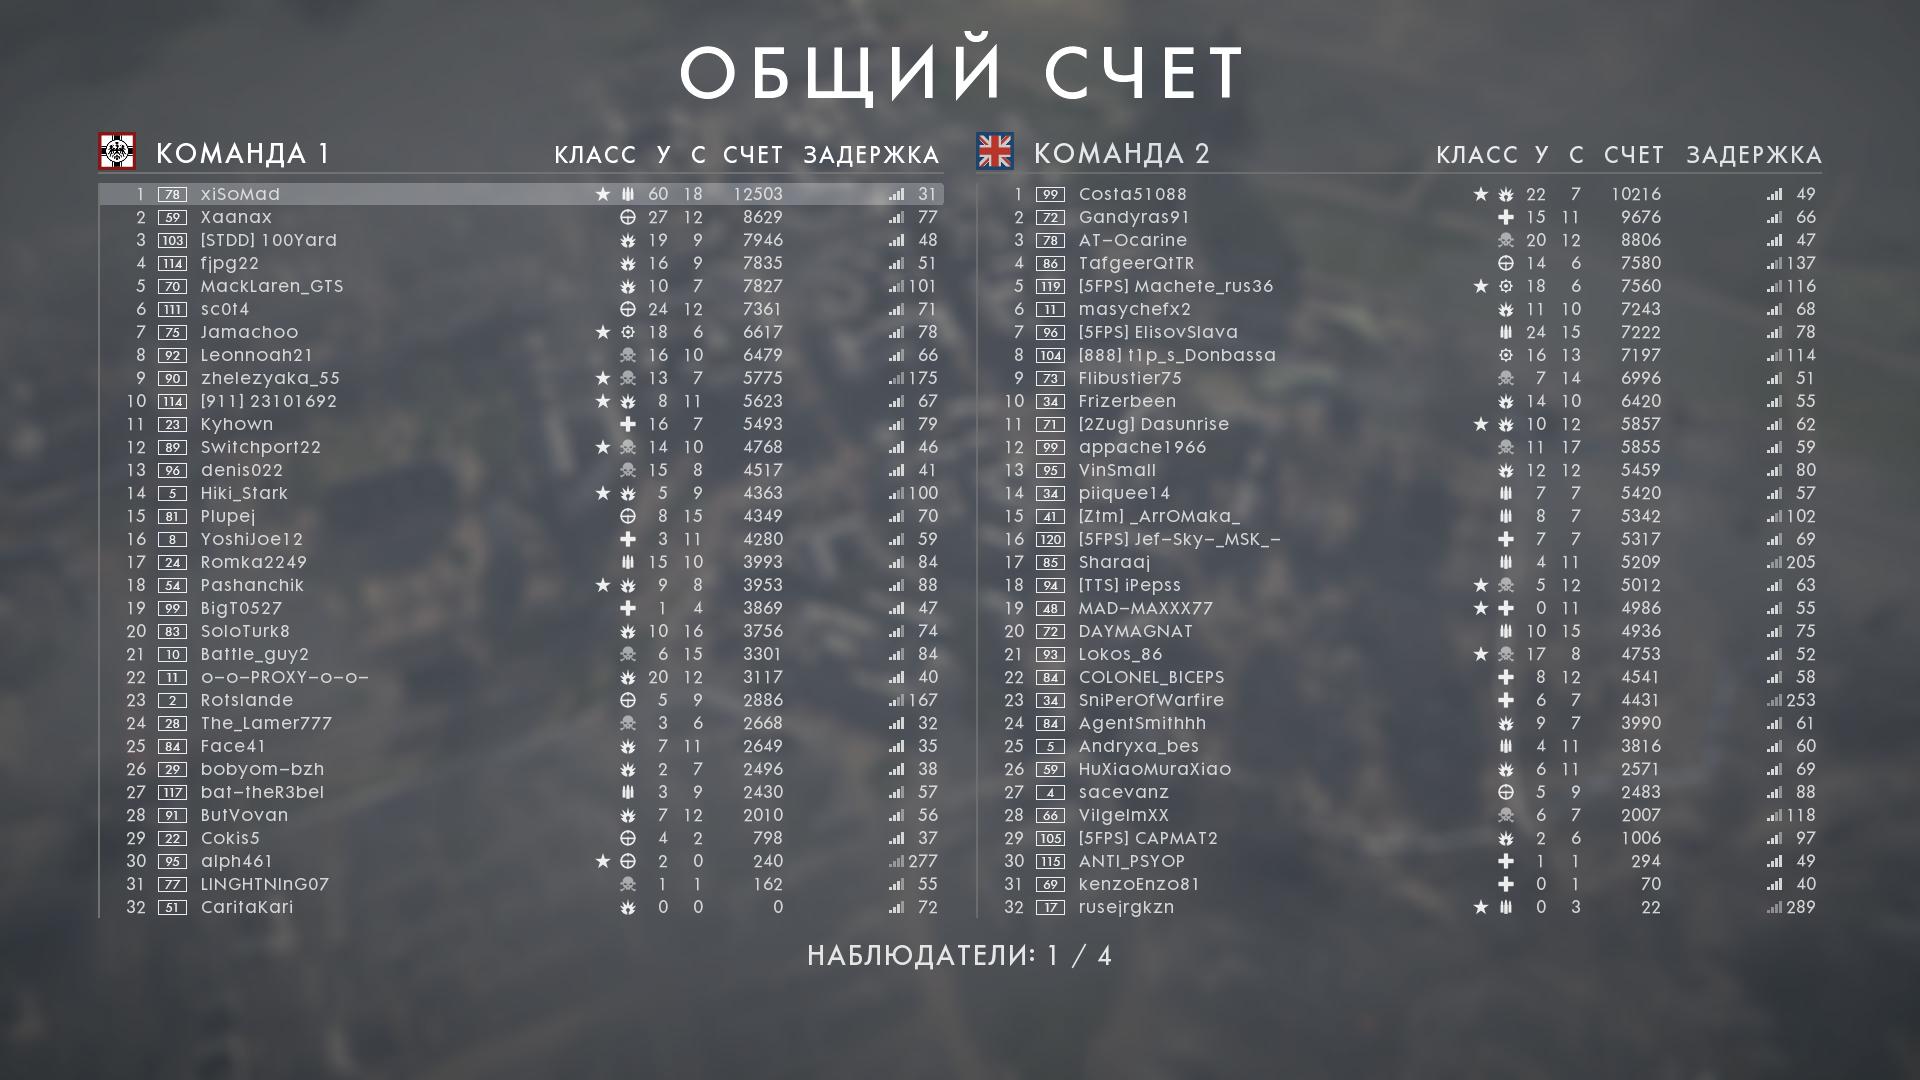 Battlefield 1 Screenshot 2017.09.14 - 17.18.06.59.png